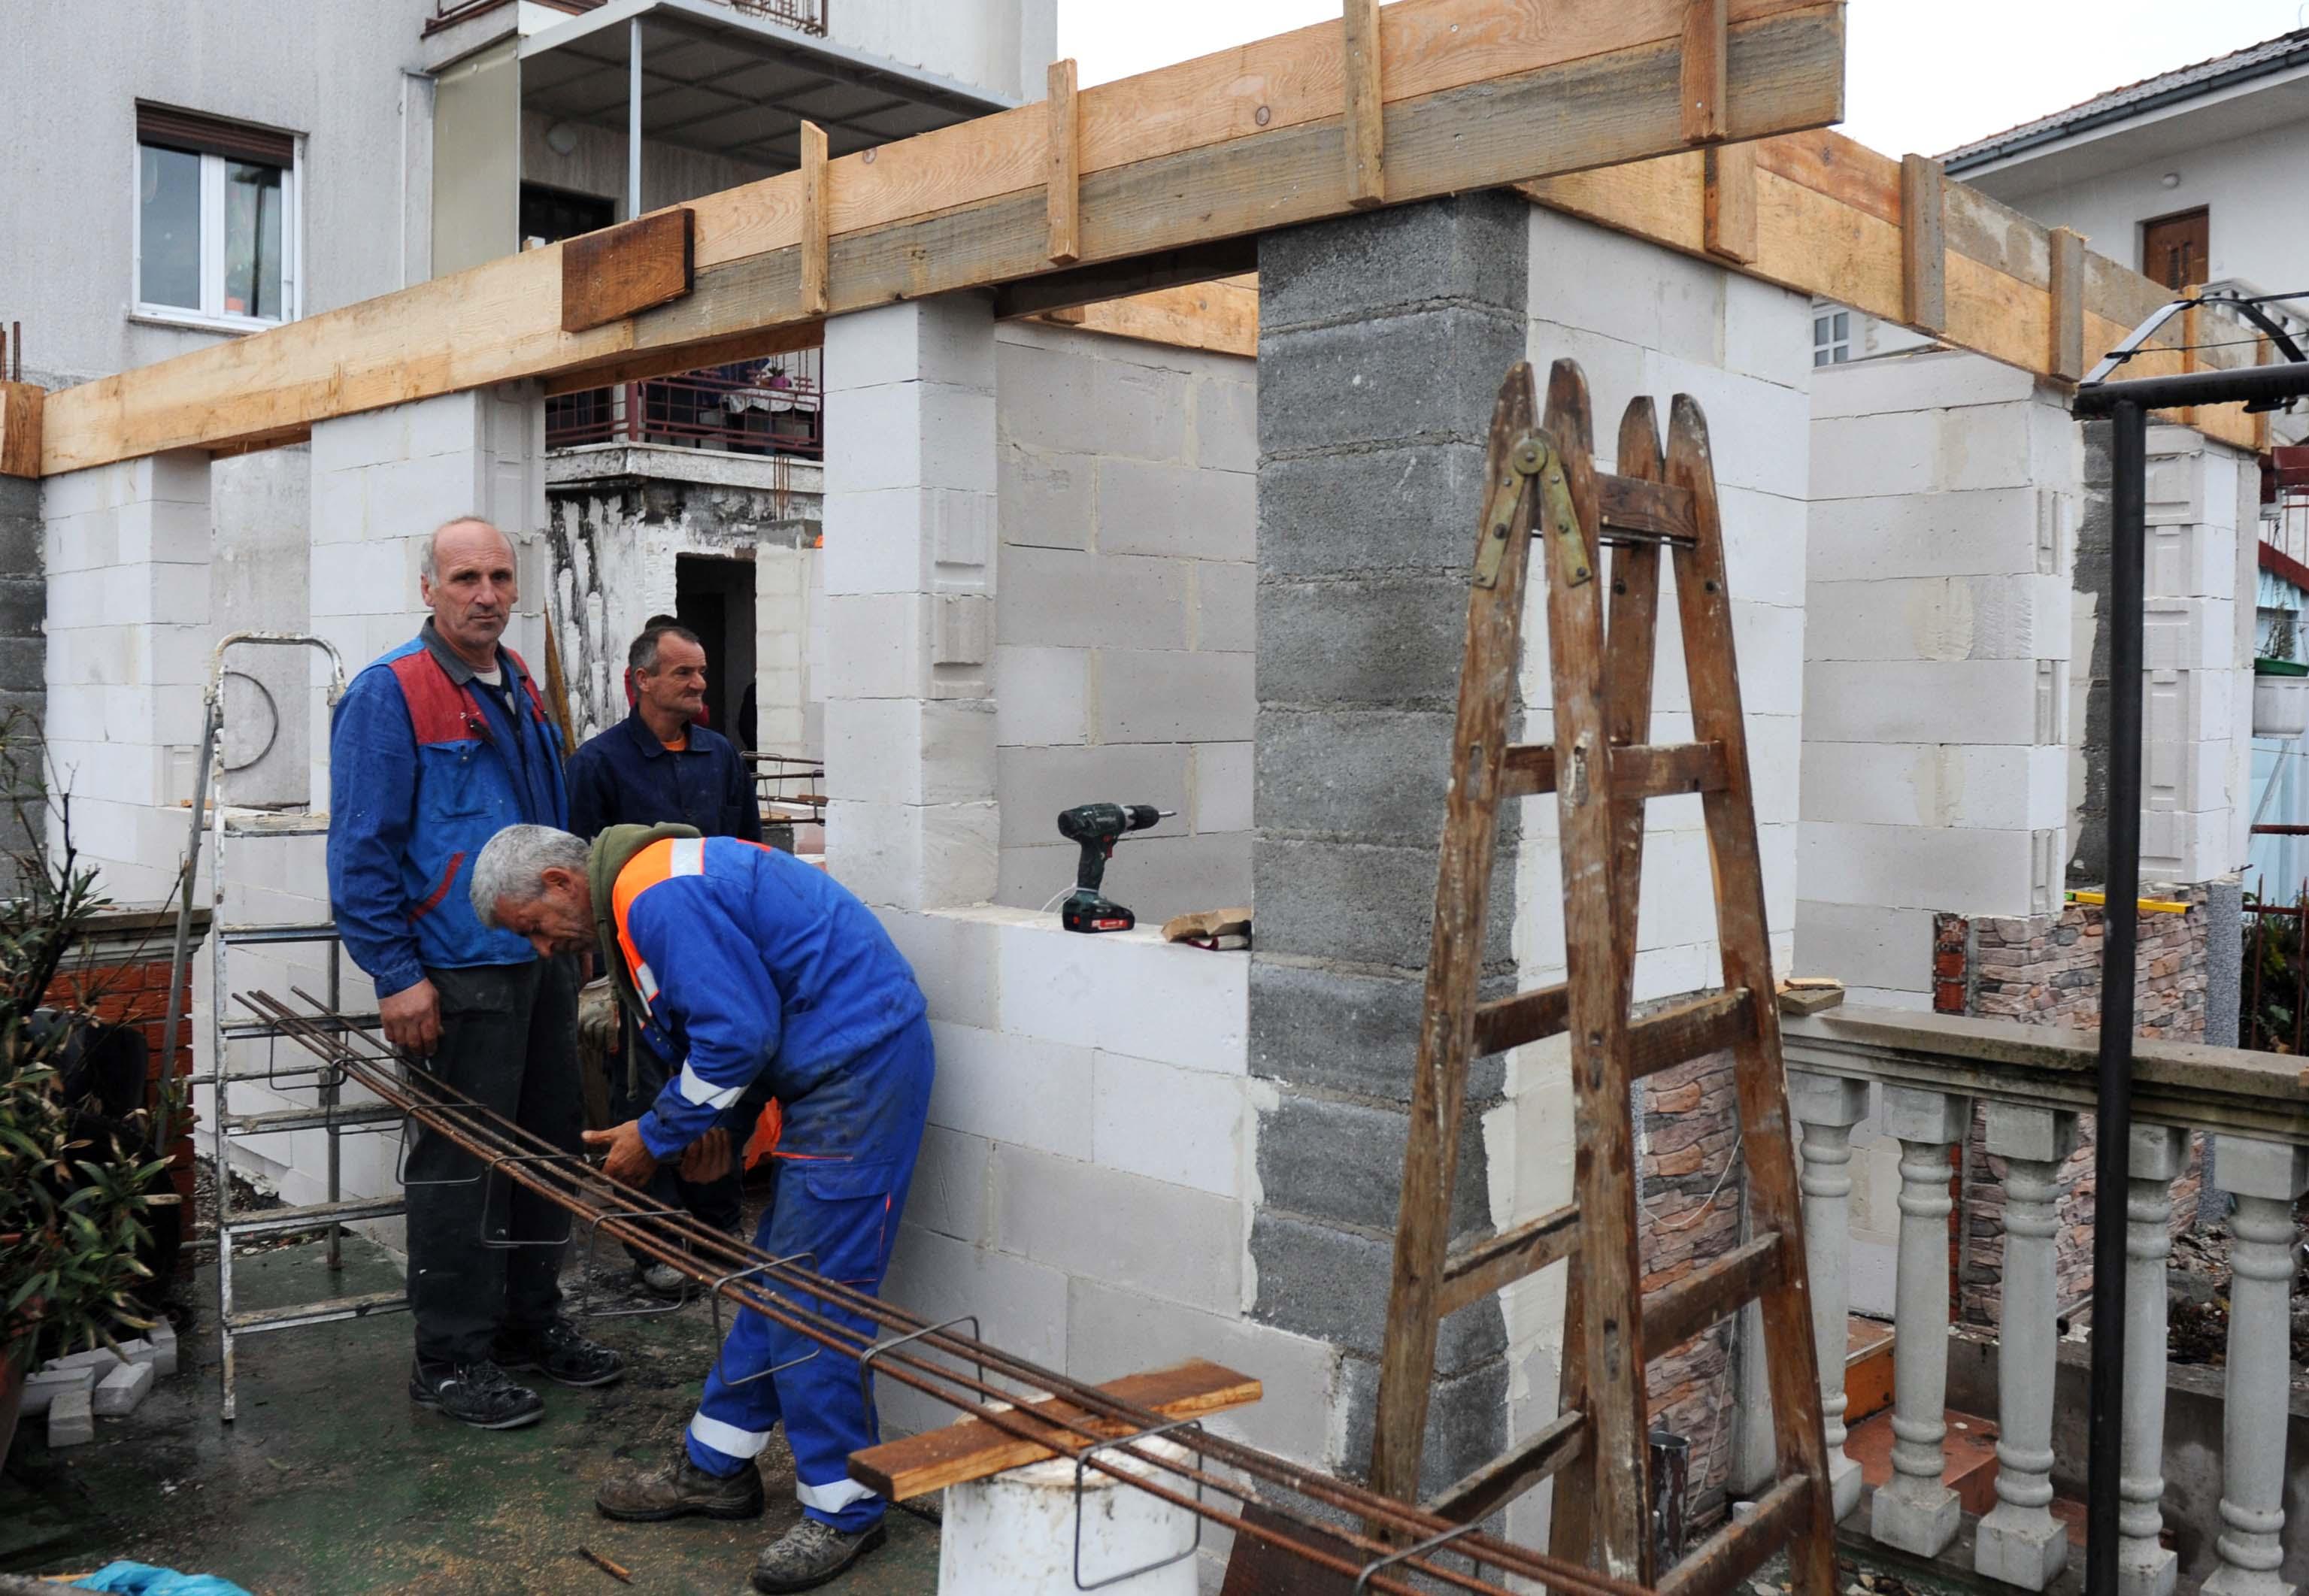 Radovi dobro napreduju i svi se vesele što bržem useljenju u obnovljenu kuću / Foto Marko GRACIN